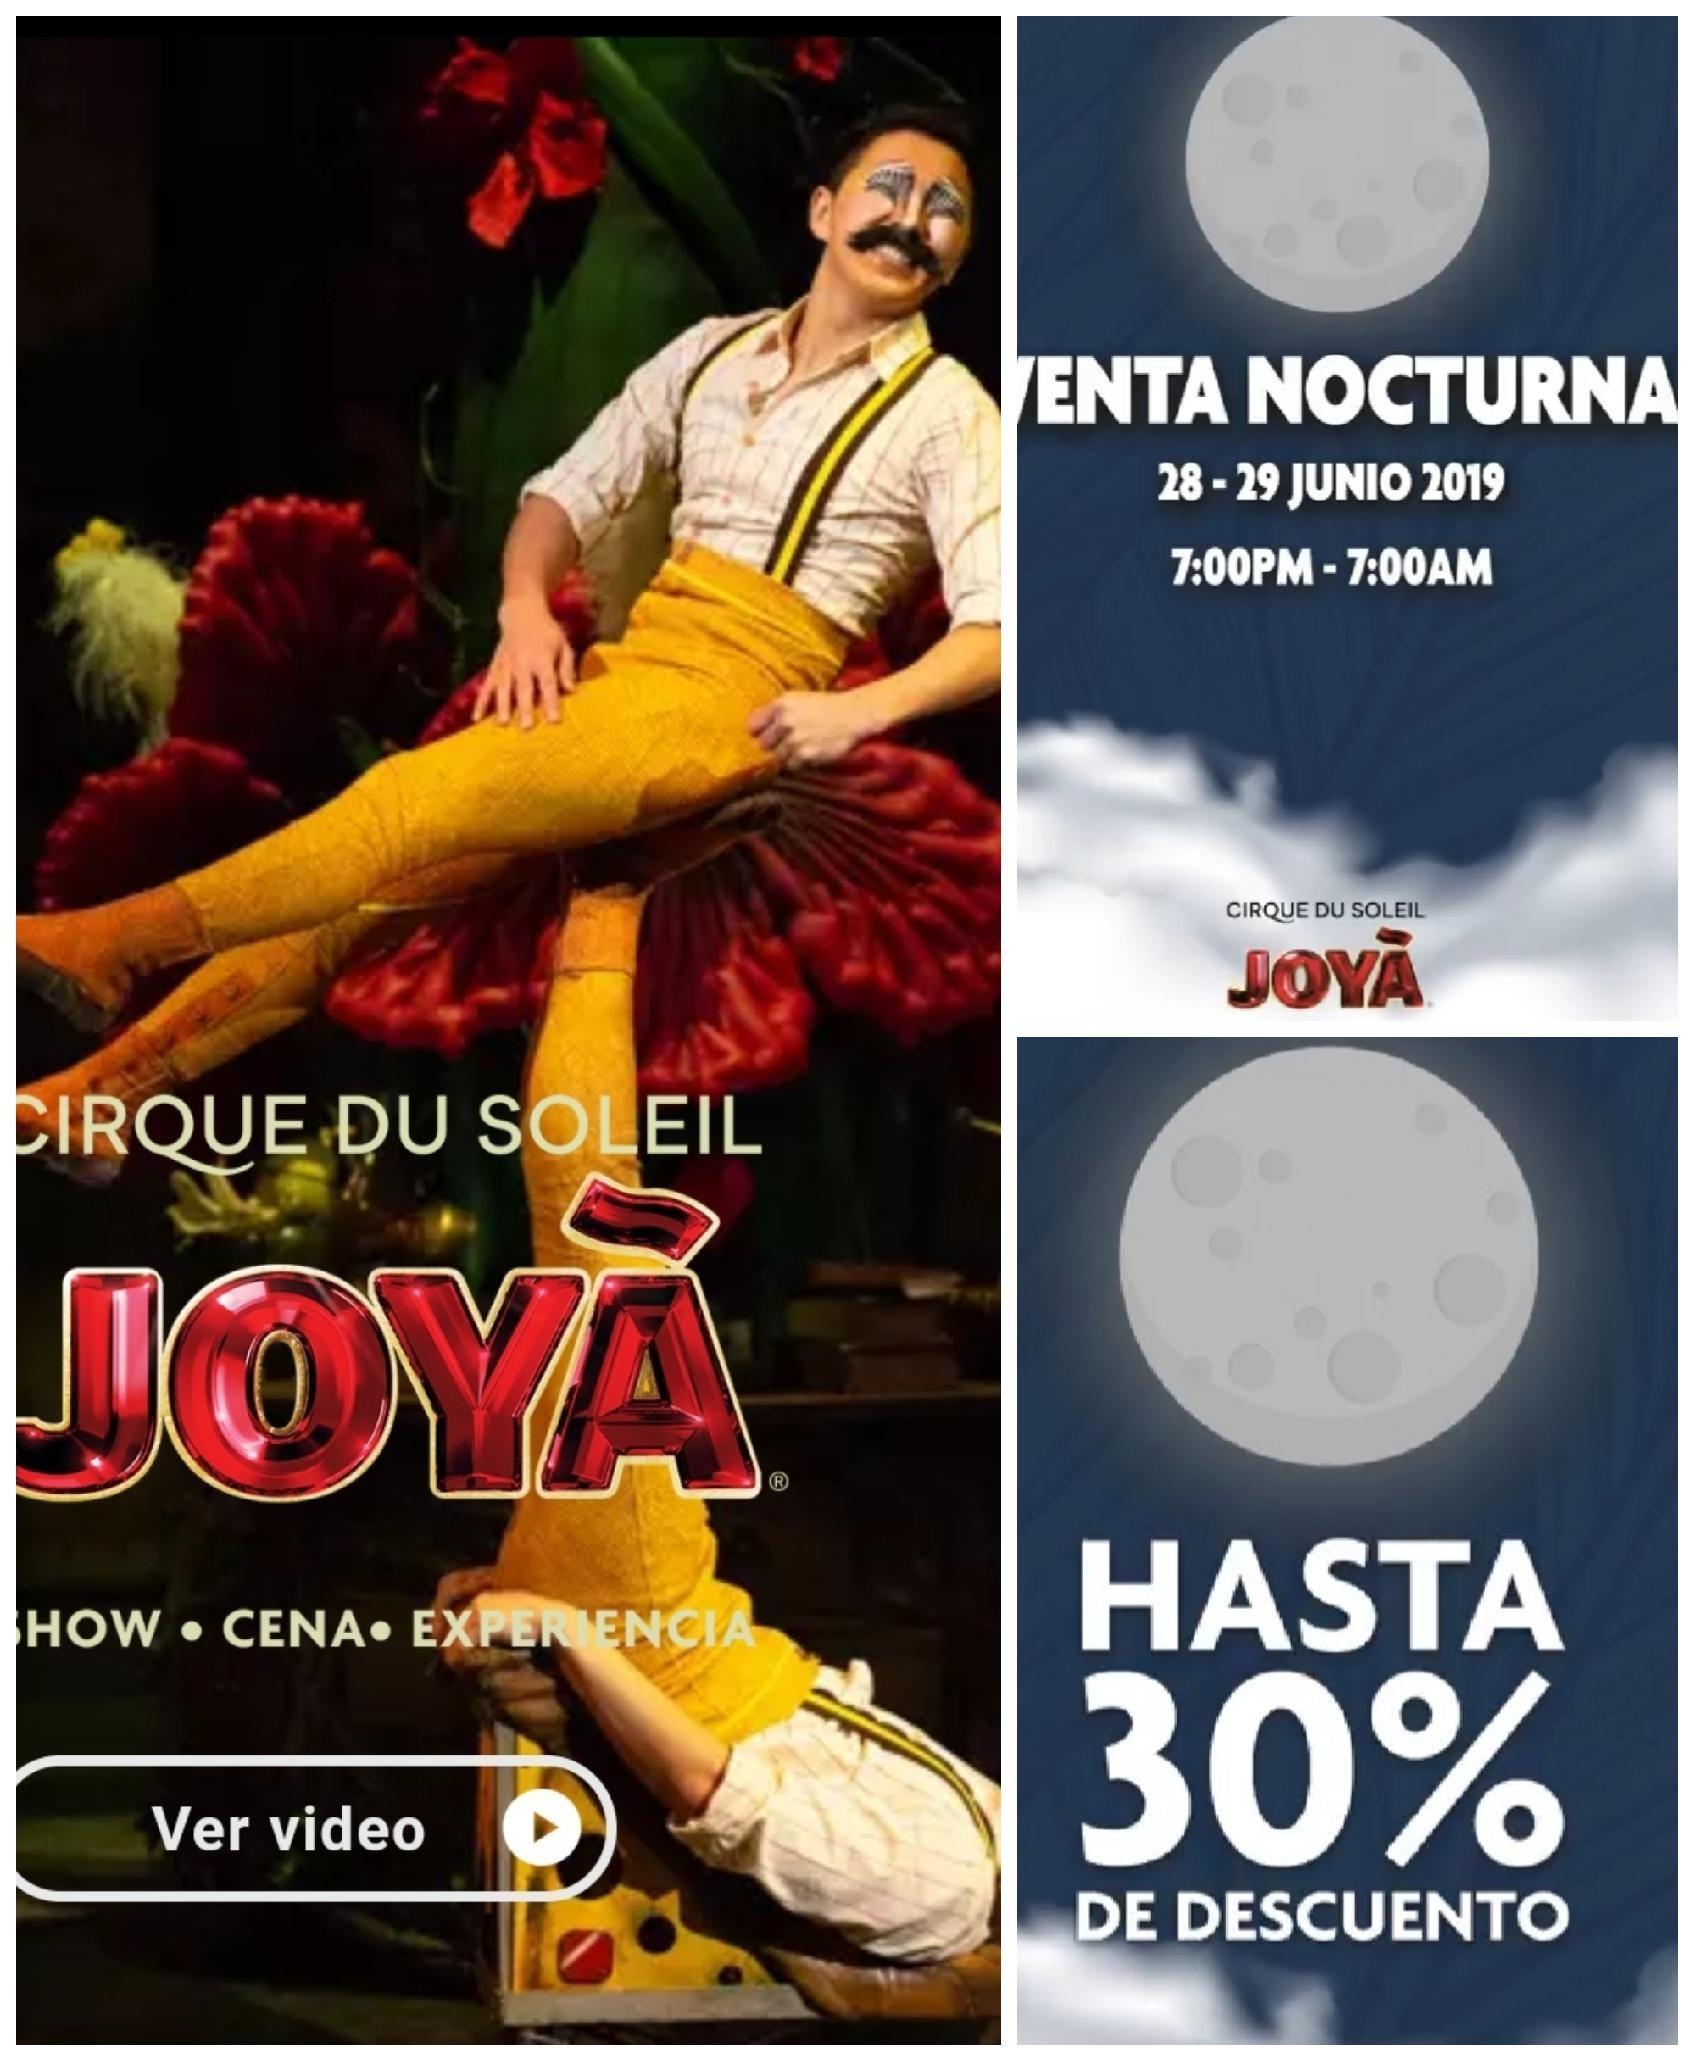 30% descuento entradas al espectáculo JOYÁ de Cirque du Soleil. Venta nocturna.